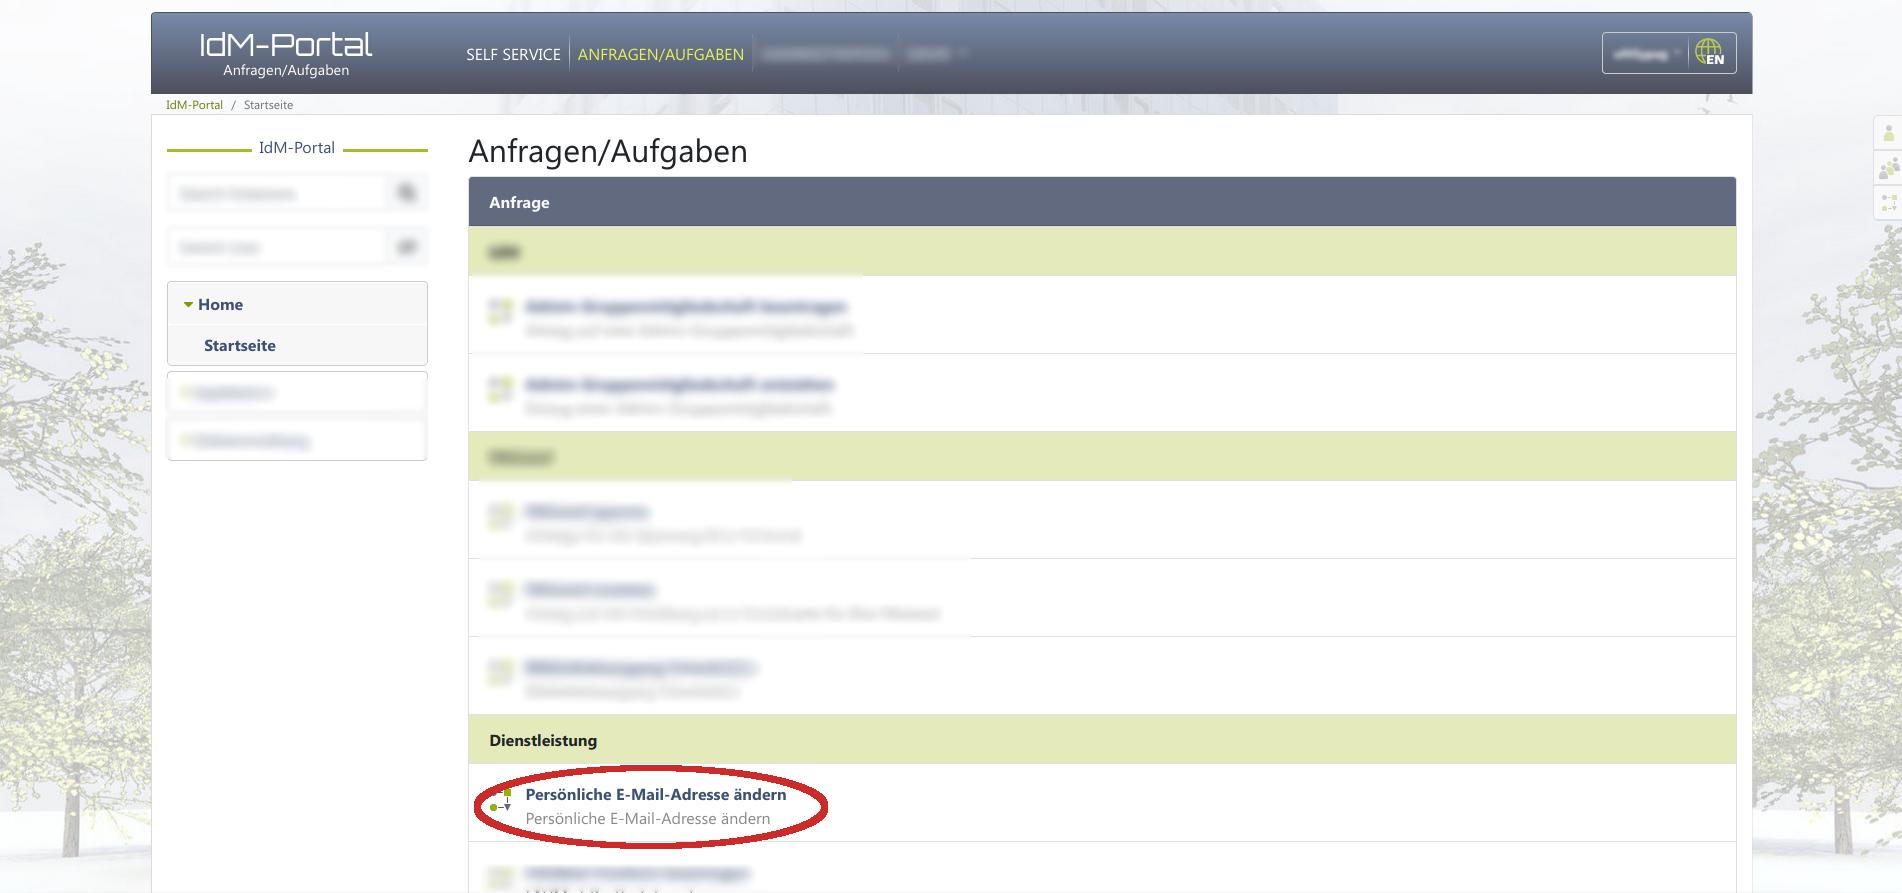 IDM-Portal - Anfragen / Aufgaben - Persönliche E-Mail-Adresse ändern